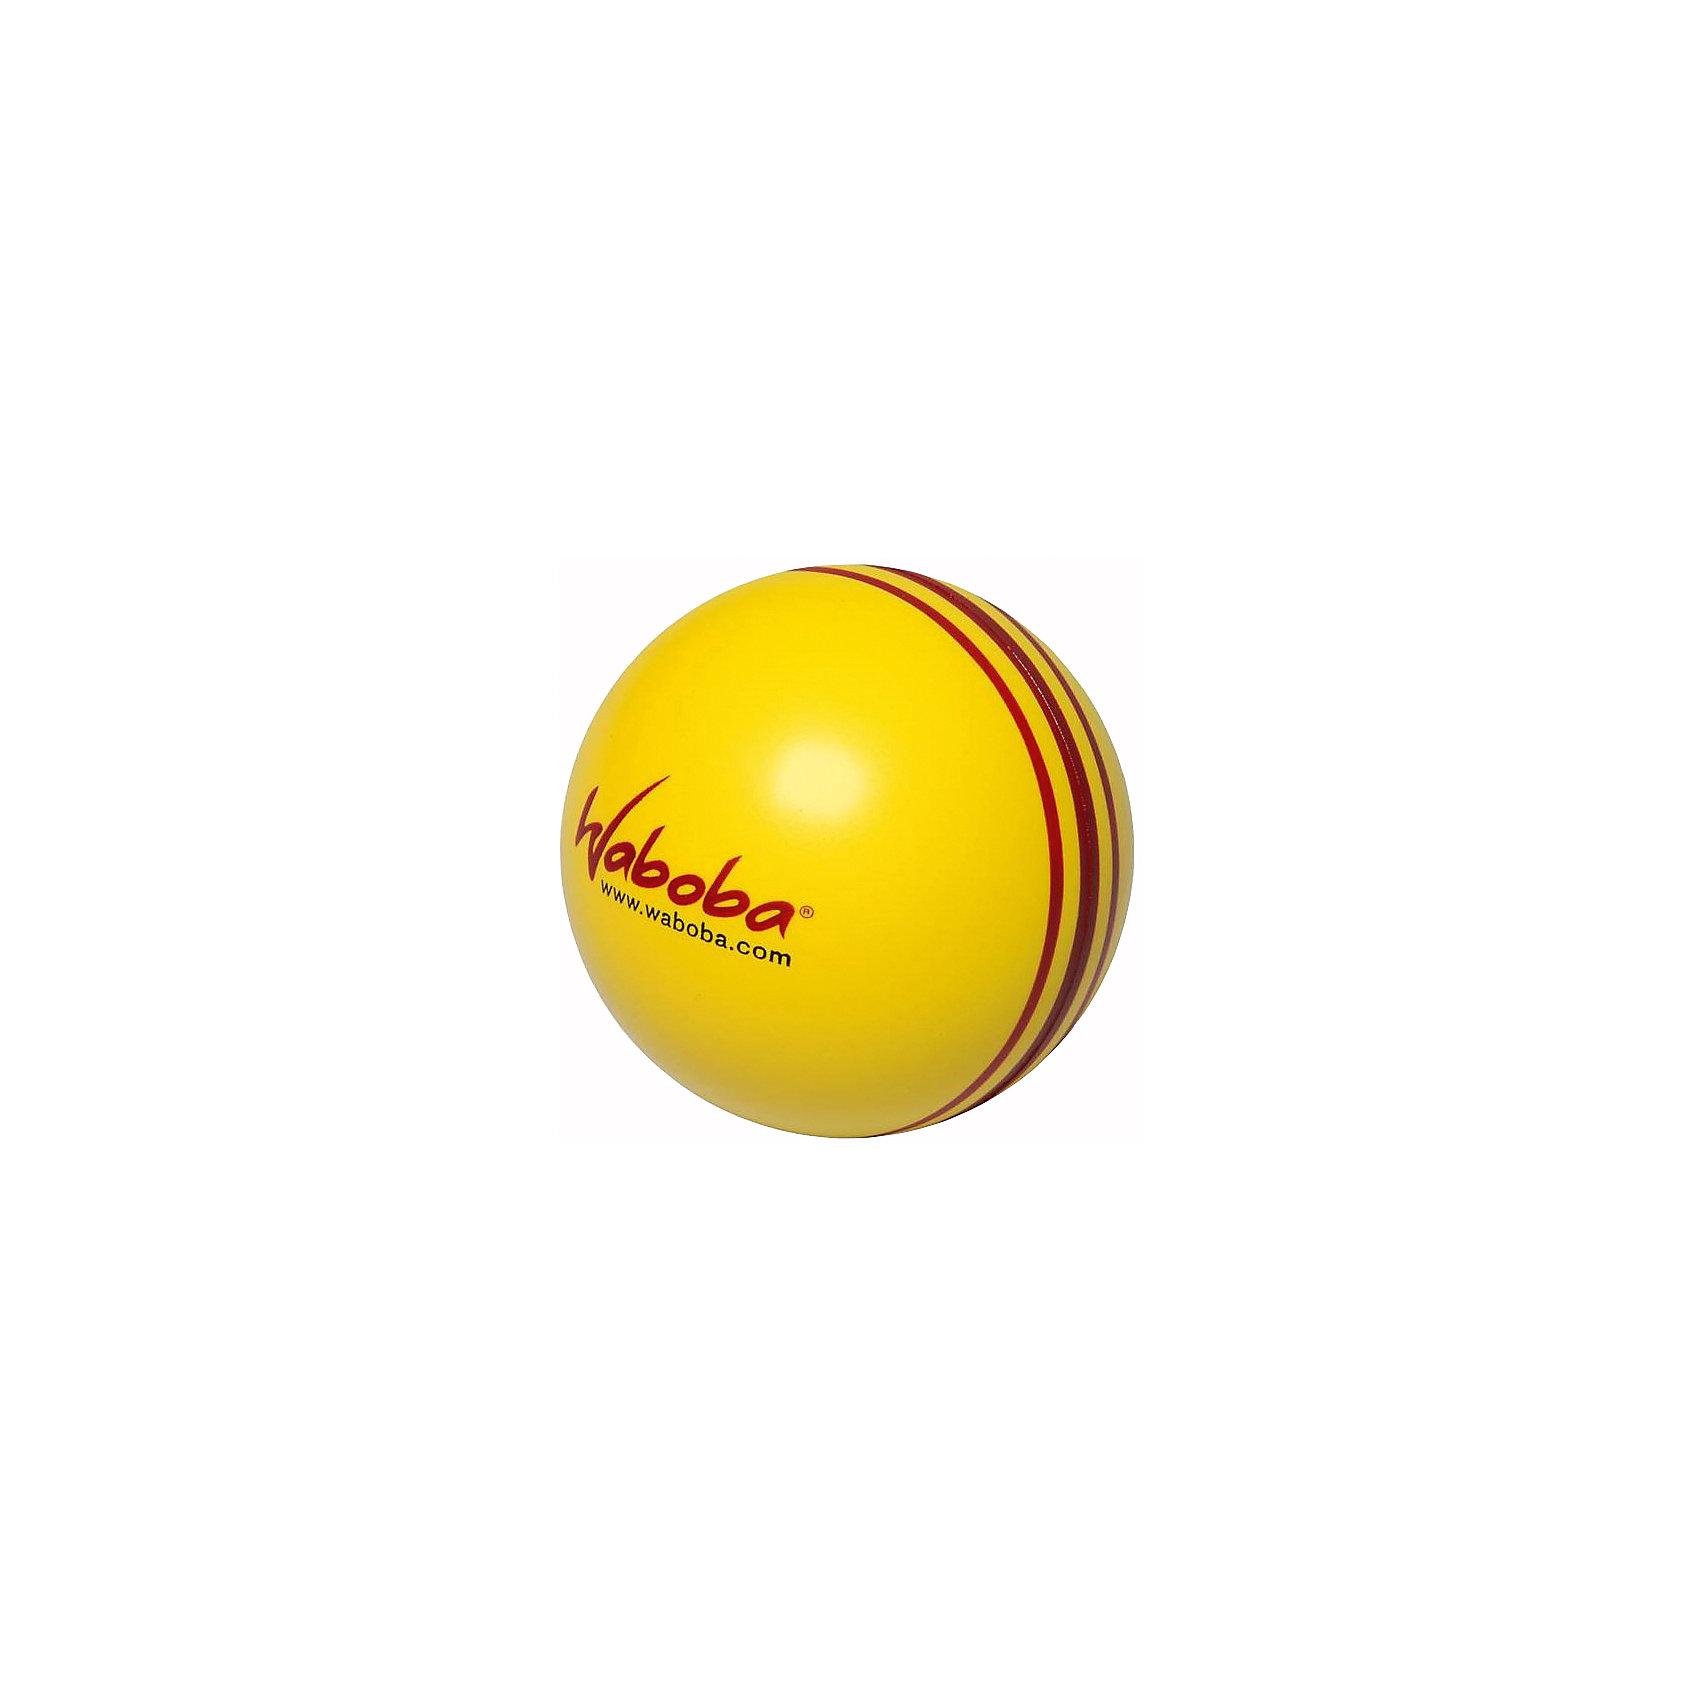 Мяч, отскакивающий от воды, Waboba Ball Blast, WabobaХарактеристики товара:<br><br>• материал: полимер<br>• размер упаковки: 7х7х7 см<br>• цвет: желтый<br>• прочный материал<br>• отскакивает от воды невысоко<br>• возраст: от 3 лет<br>• вес: 100 г<br>• страна бренда: Швеция<br>• страна производства: Китай<br><br>Новый вид активного пляжного отдыха: игры с мячами, отскакивающими от воды. Мячи Waboba - это отличный способ весело провести время всей семьей, с детьми или большой компанией. Мячи сделаны из прочного полимерного материала, они отлично держатся на воде, имею яркую расцветку.<br>Данная модификация разрабатывалась для использования в спокойной воде, водоемах со стоячей водой или бассейнах. Этот мяч невысоко отскакивает от поверхности воды, поэтому он оптимален для детей.<br><br>Мяч, отскакивающий от воды, Waboba Ball Blast, от популярного бренда Waboba можно купить в нашем интернет-магазине.<br><br>Ширина мм: 70<br>Глубина мм: 70<br>Высота мм: 70<br>Вес г: 70<br>Возраст от месяцев: 36<br>Возраст до месяцев: 192<br>Пол: Унисекс<br>Возраст: Детский<br>SKU: 5482364